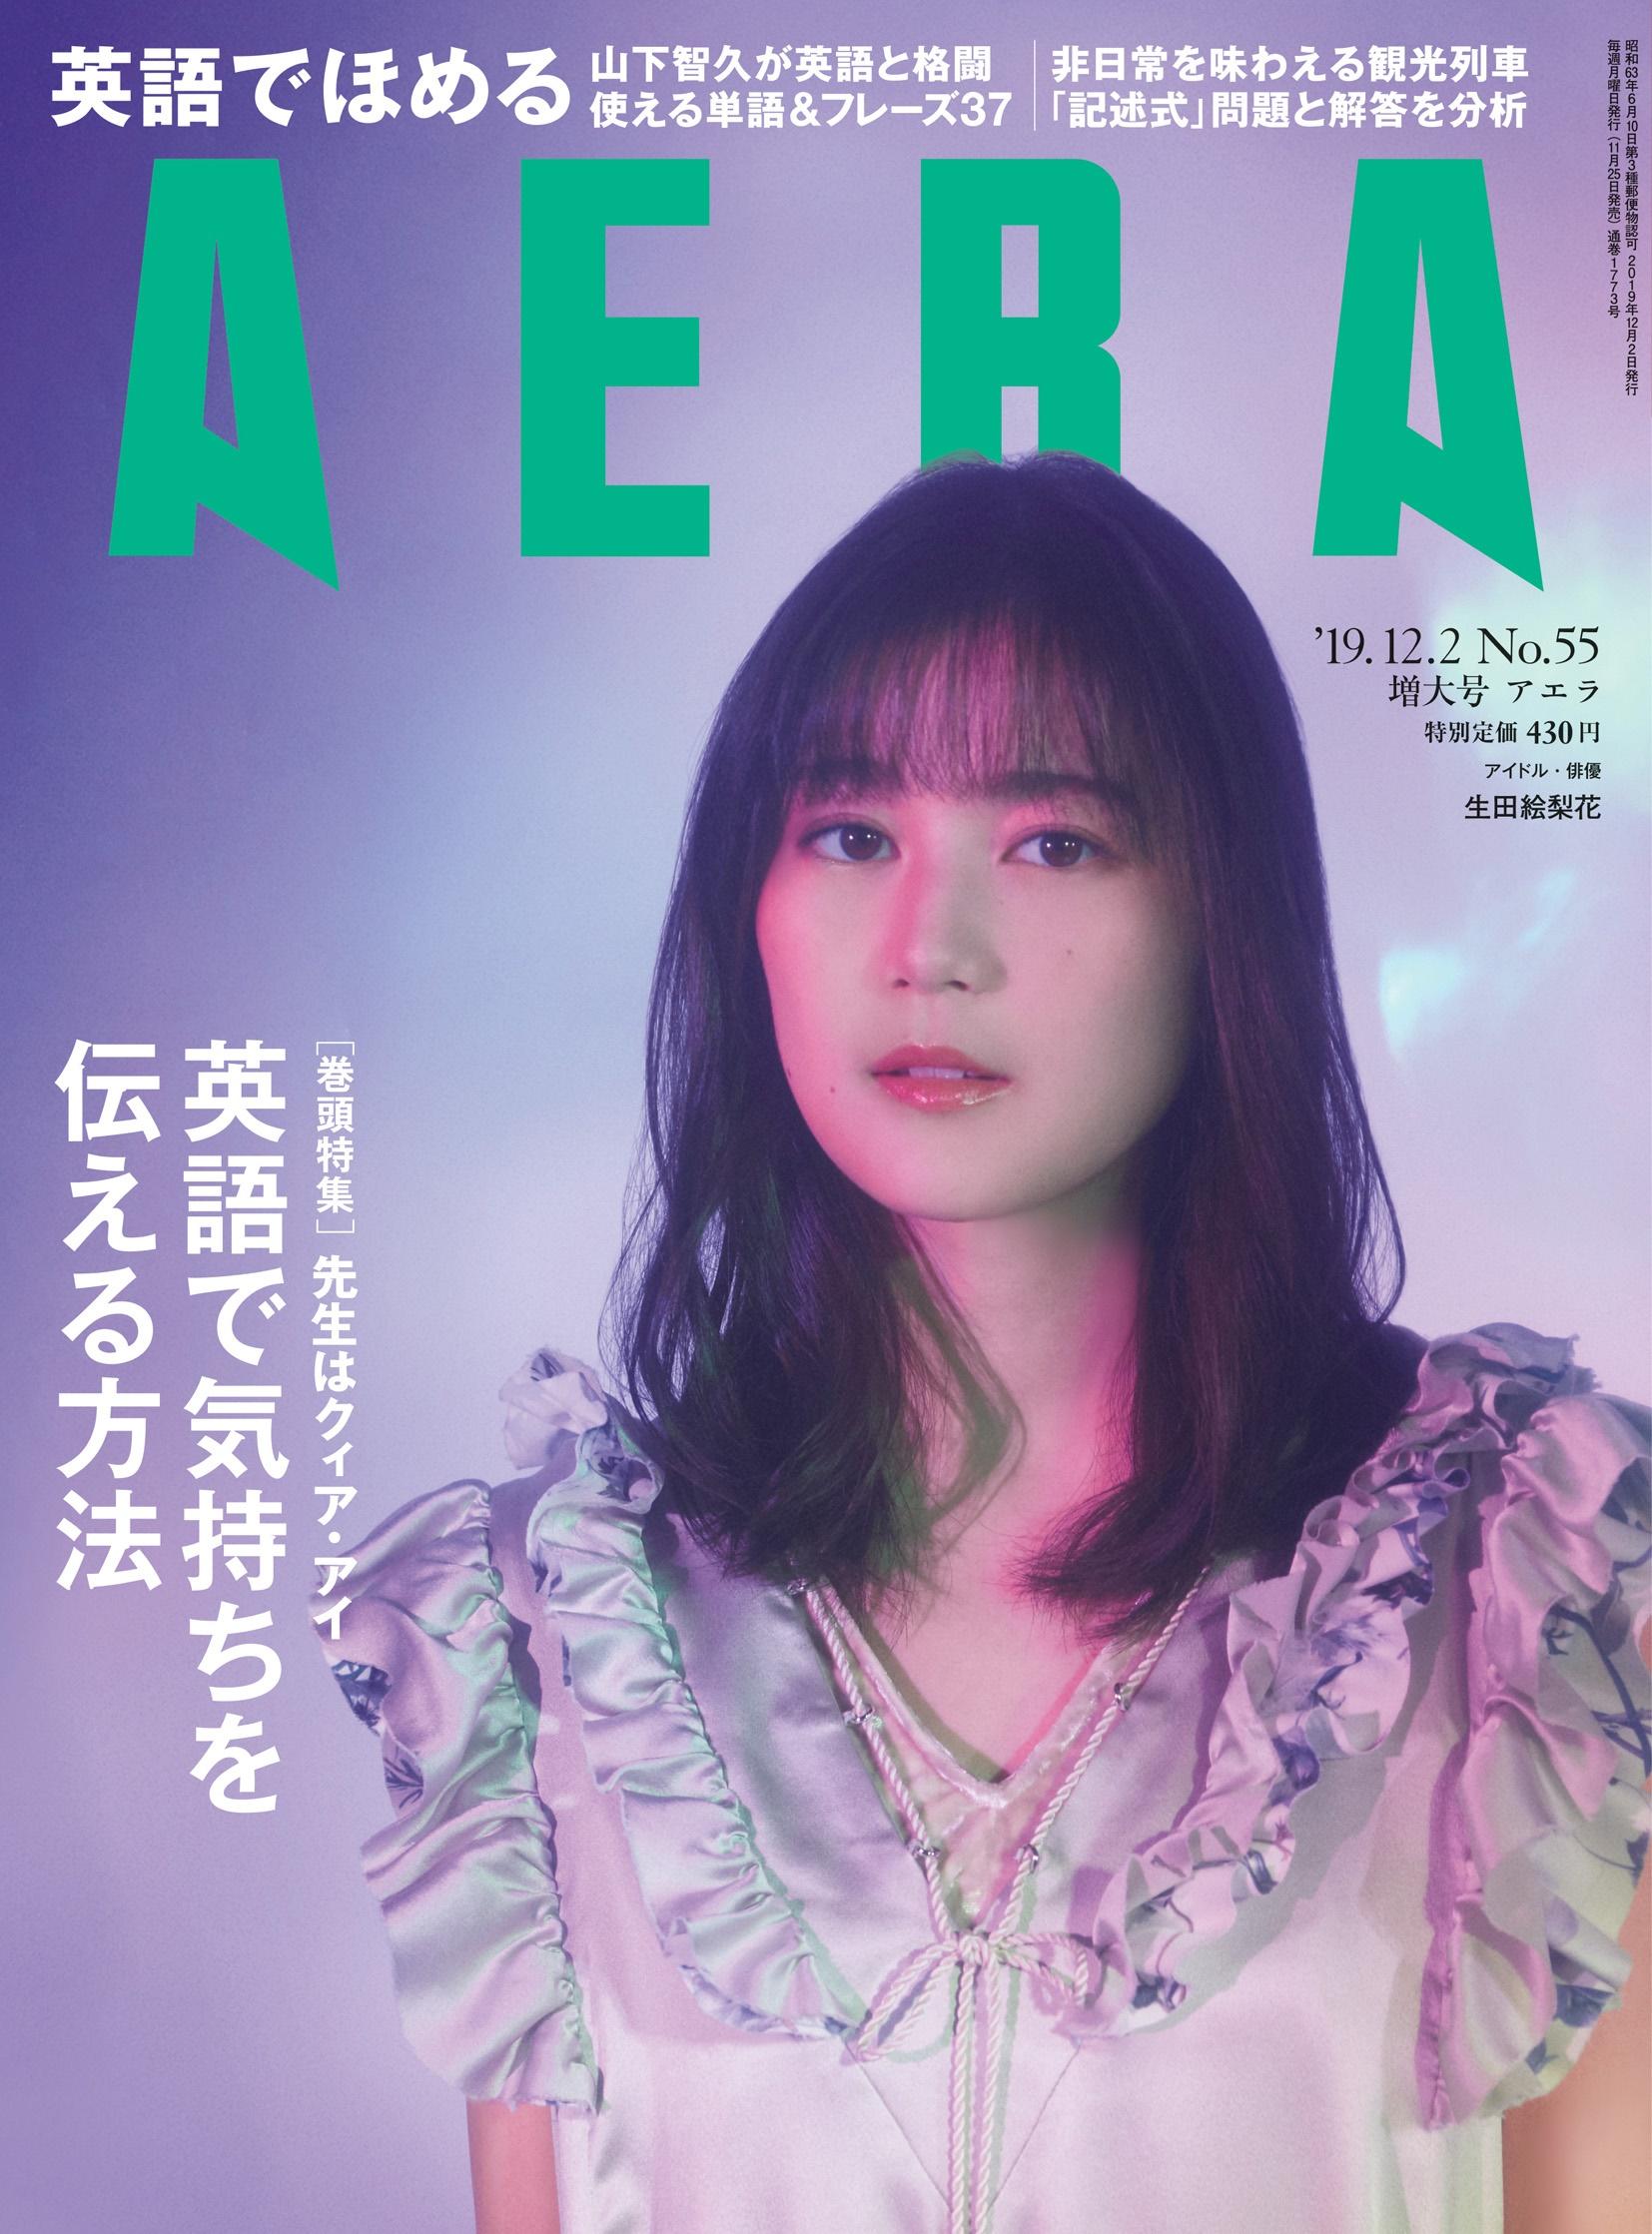 山下智久さんが「英語」と格闘した3カ月の海外ロケについてAERAに語っ ...